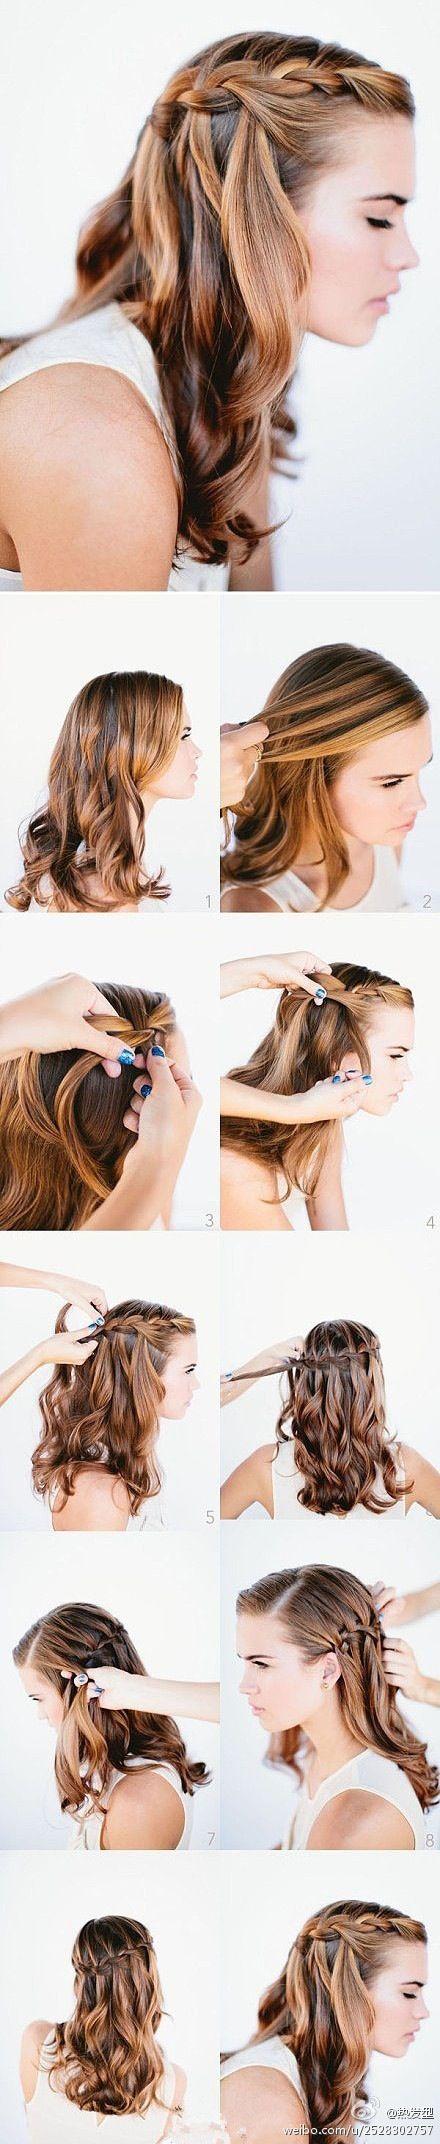 capelli sciolti+treccia